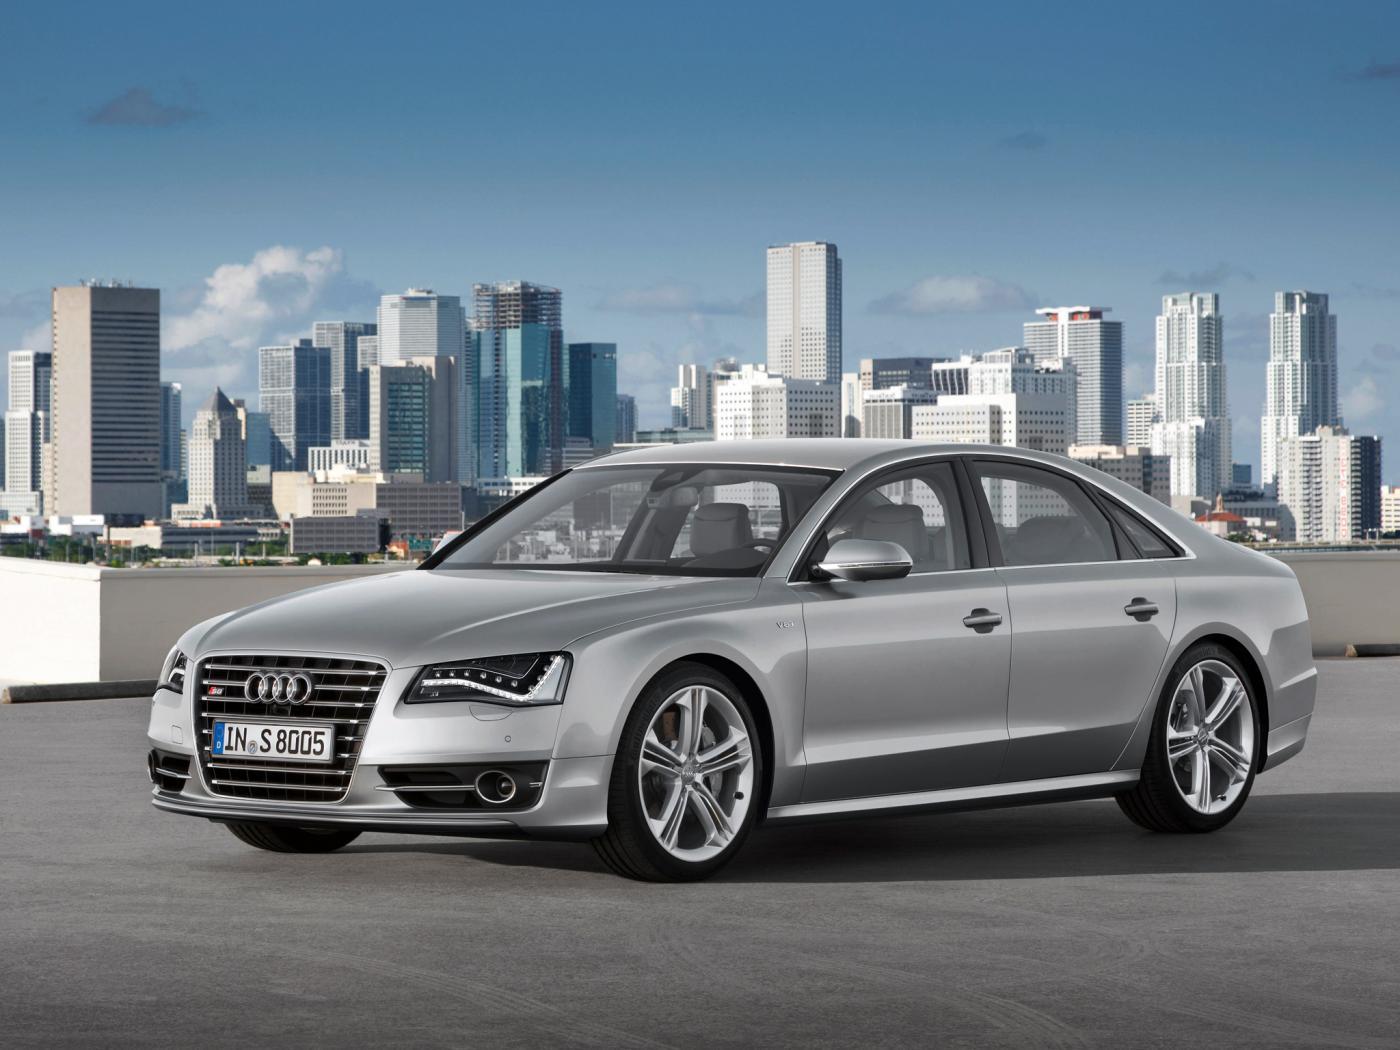 Audi-S8-D4-3